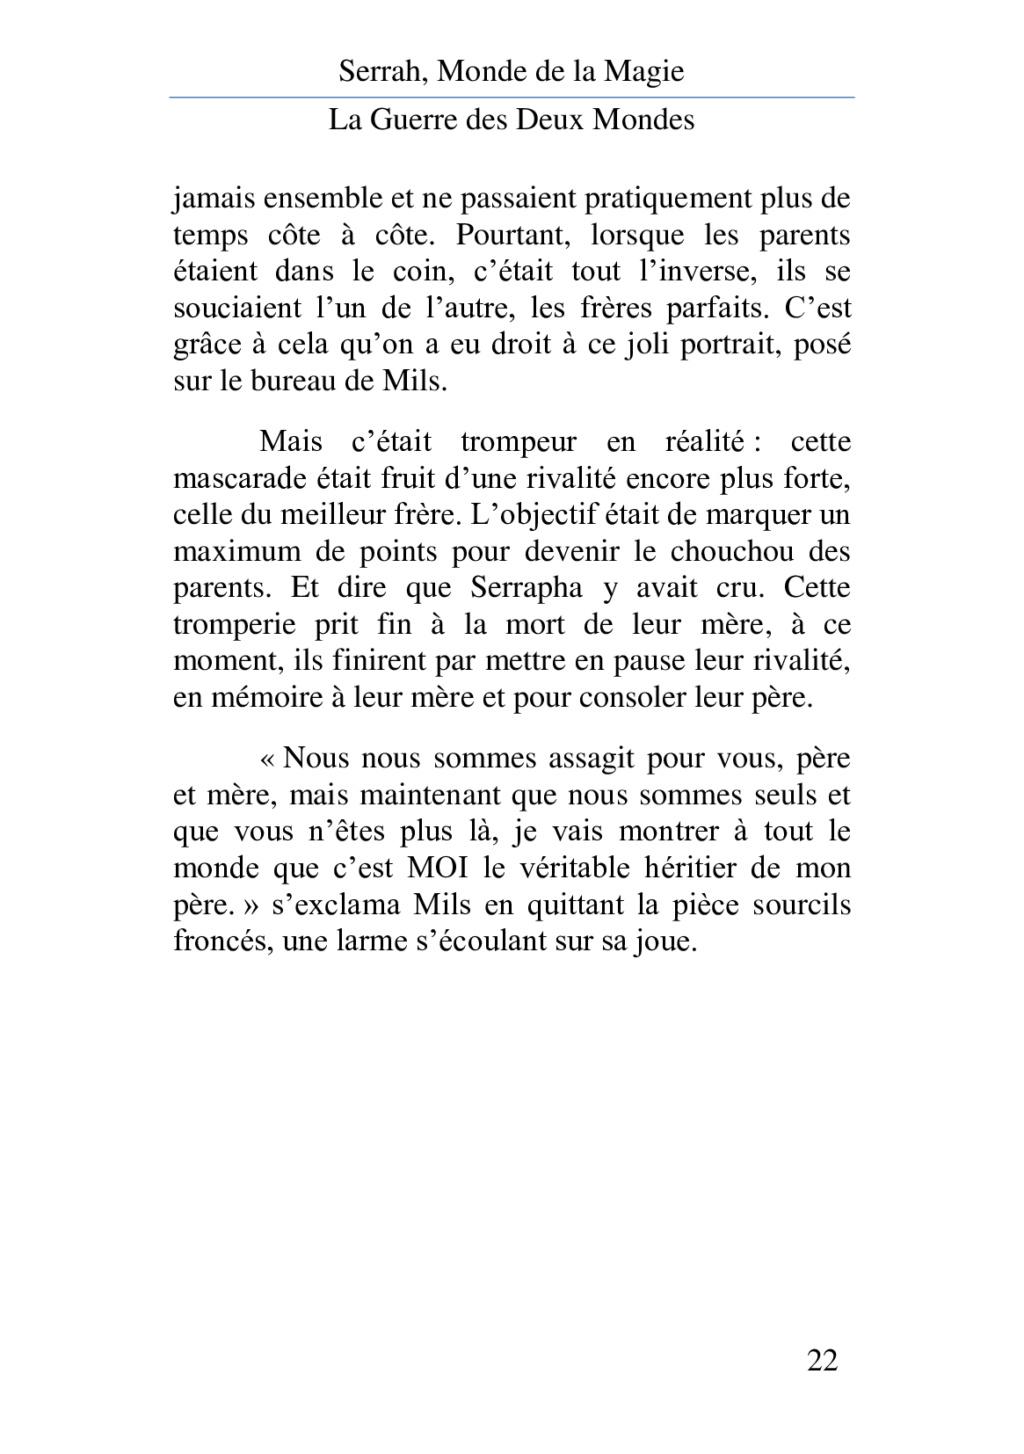 Chapitre 4 - La rivalité fraternelle 40172013